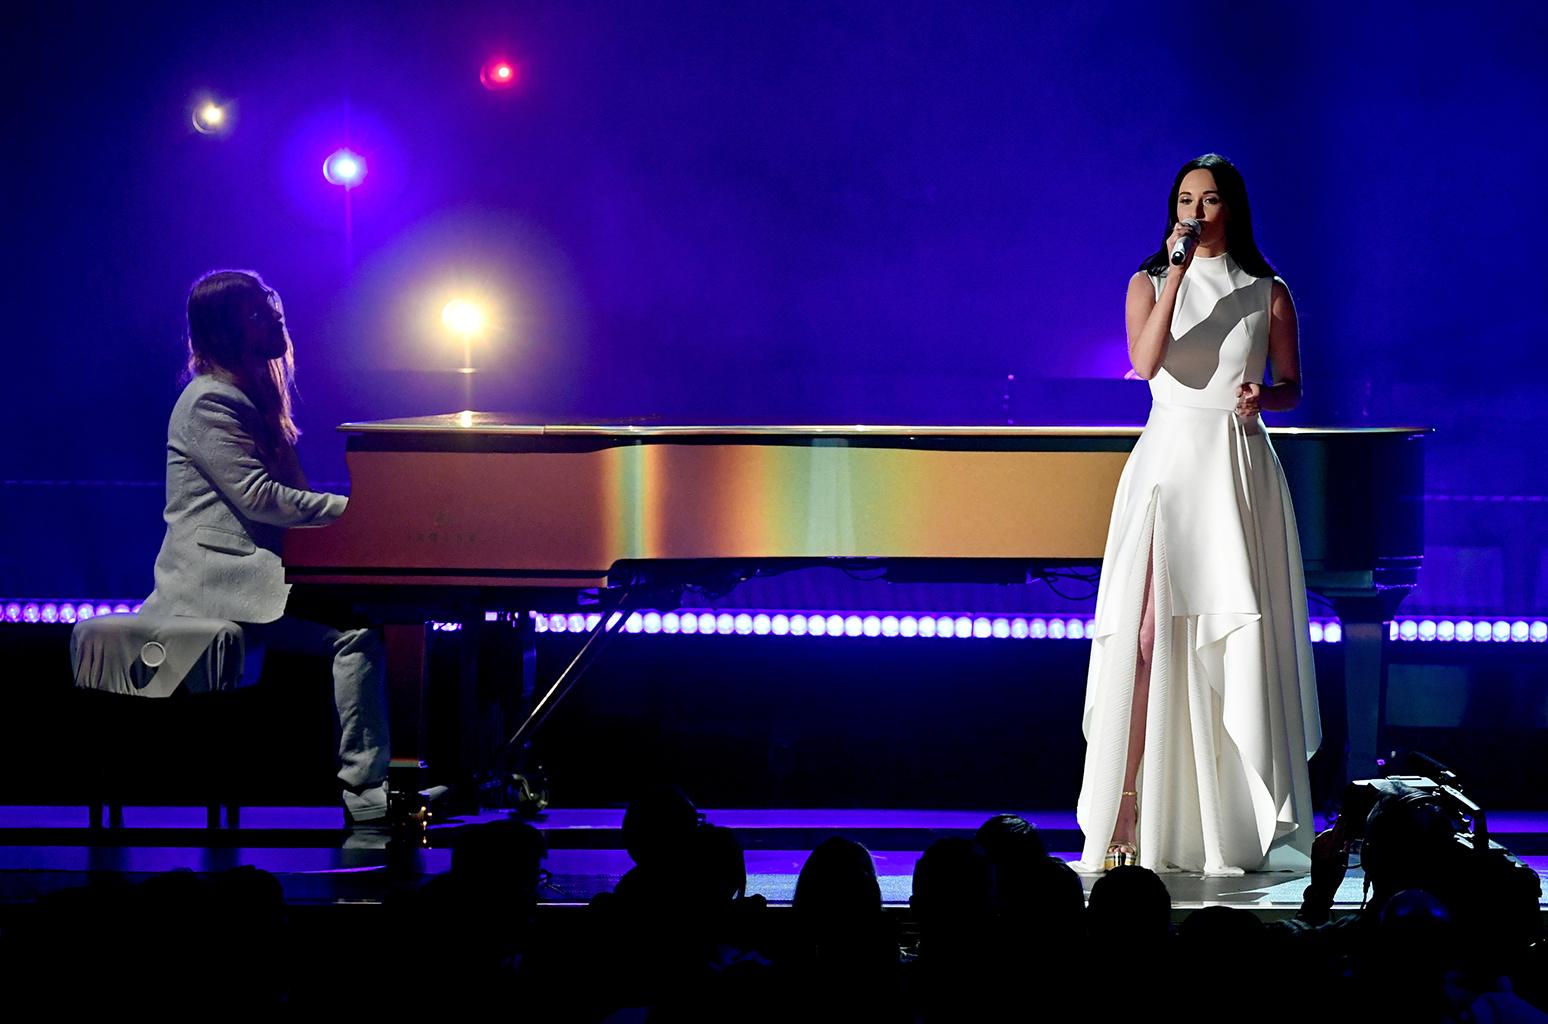 """Кантри-певица Кейси Масгрейвс на церемонии награждения исполнила песню """"Rainbow"""""""